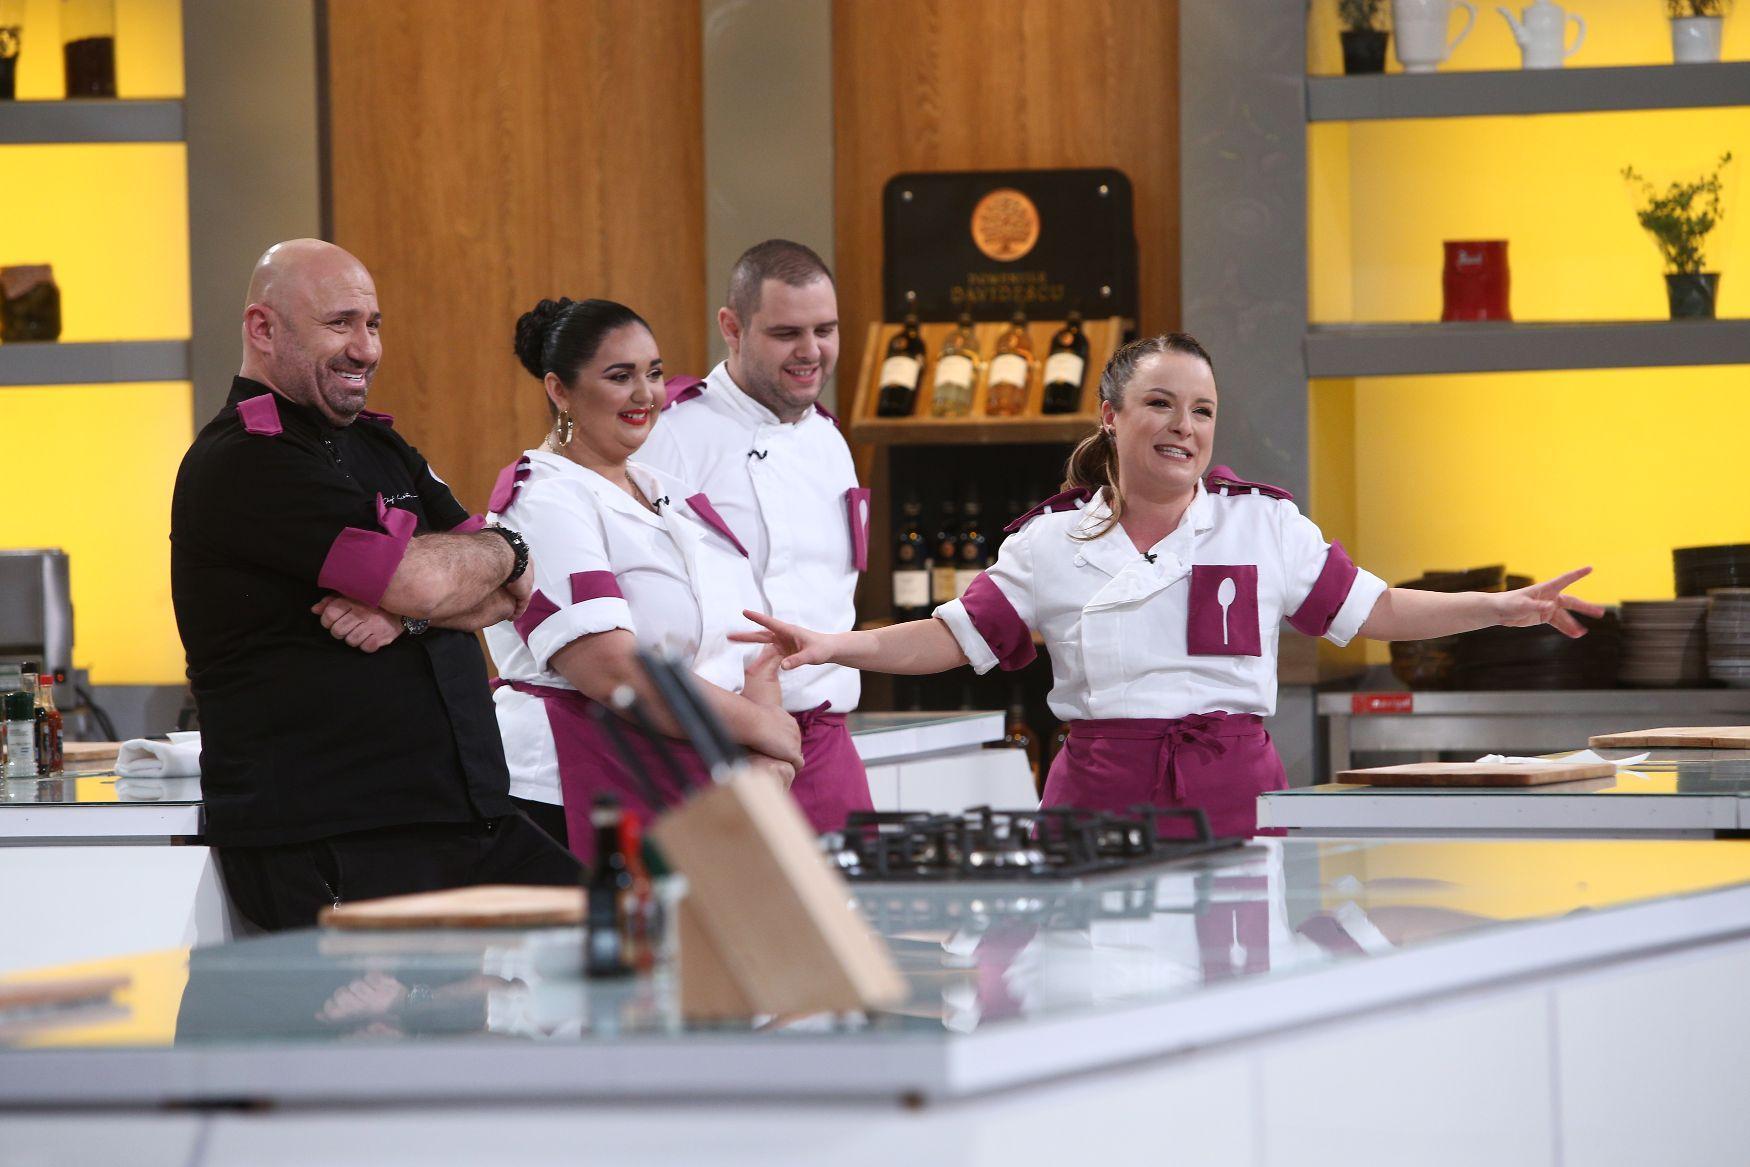 Aseară, când show-ul a stabilit un nou record de audiență, Chefi la cuțite și-a ales semifinaliștii sezonului 9